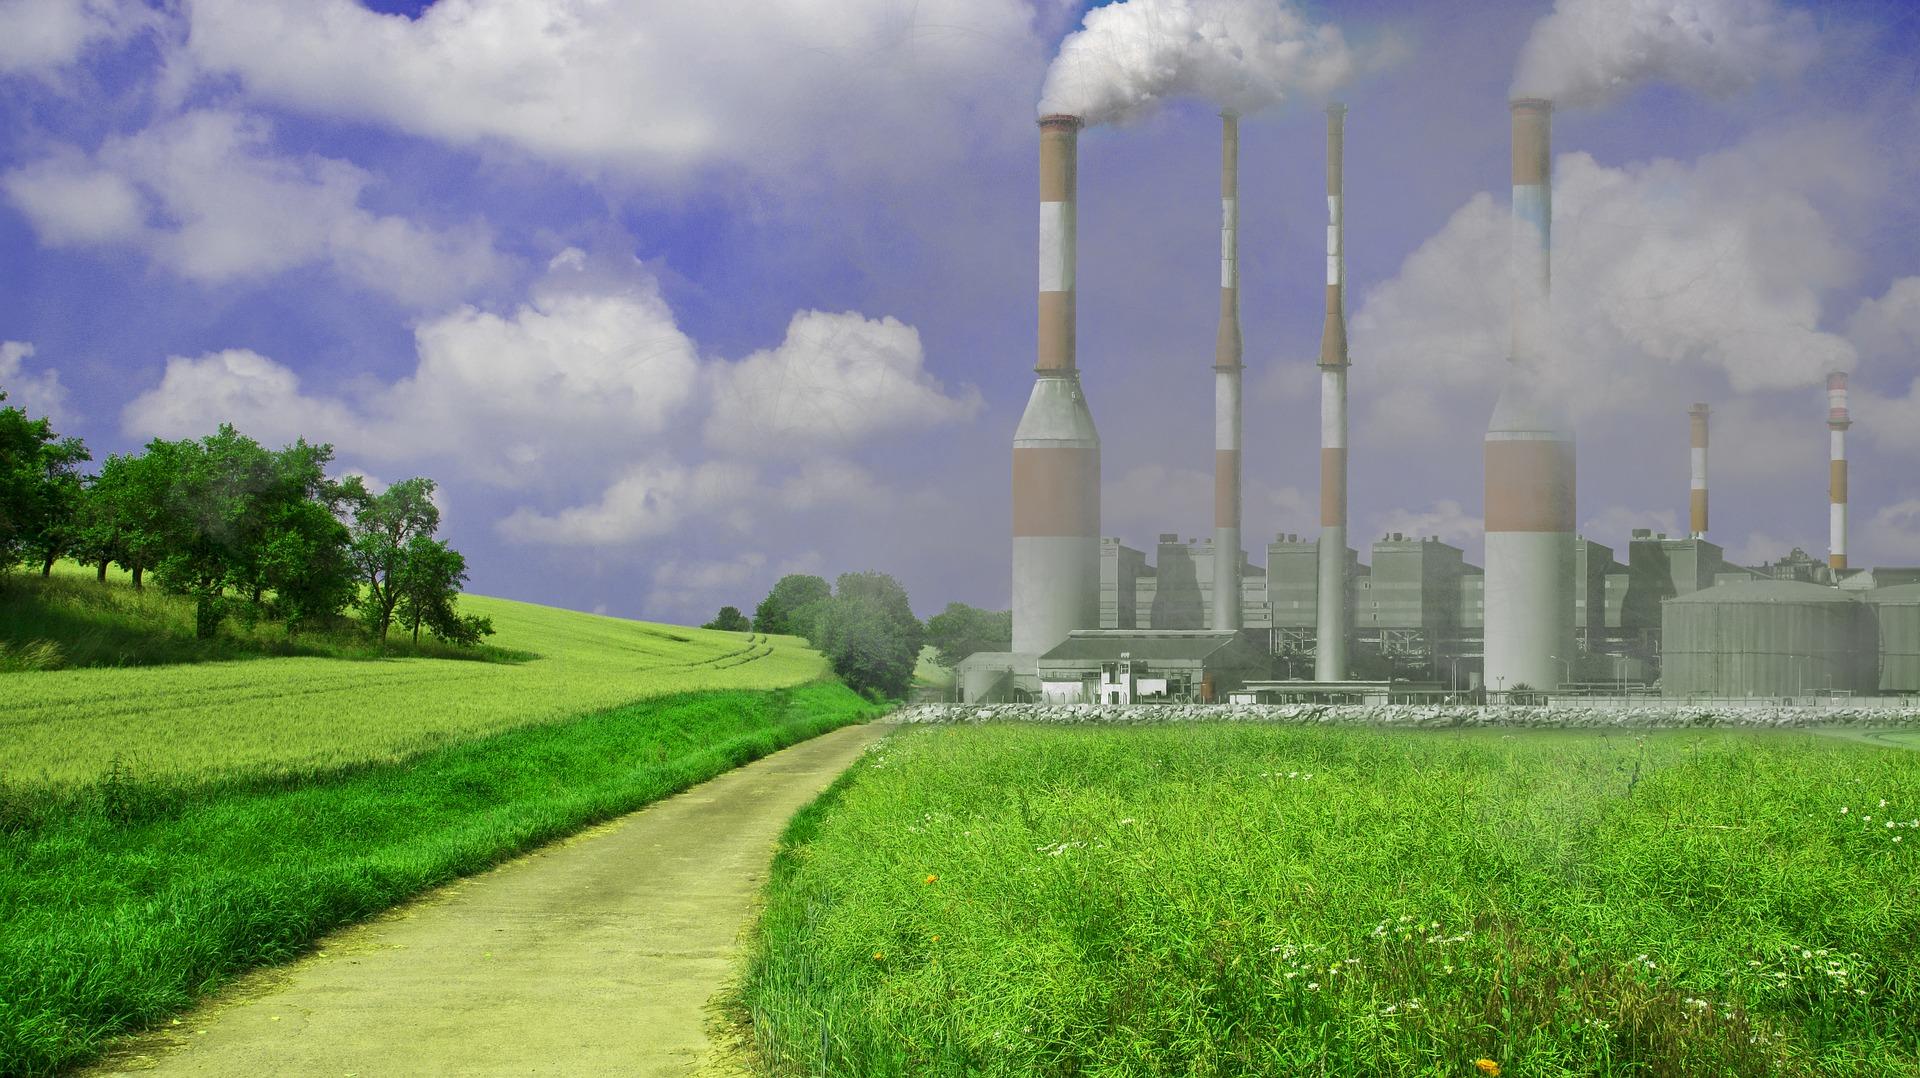 Vorwärts für ein sozial-ökologisches Europa: Landesparteitag der NRW-SPD beschließt Forderung nach Einführung einer europäischen C02-Steuer